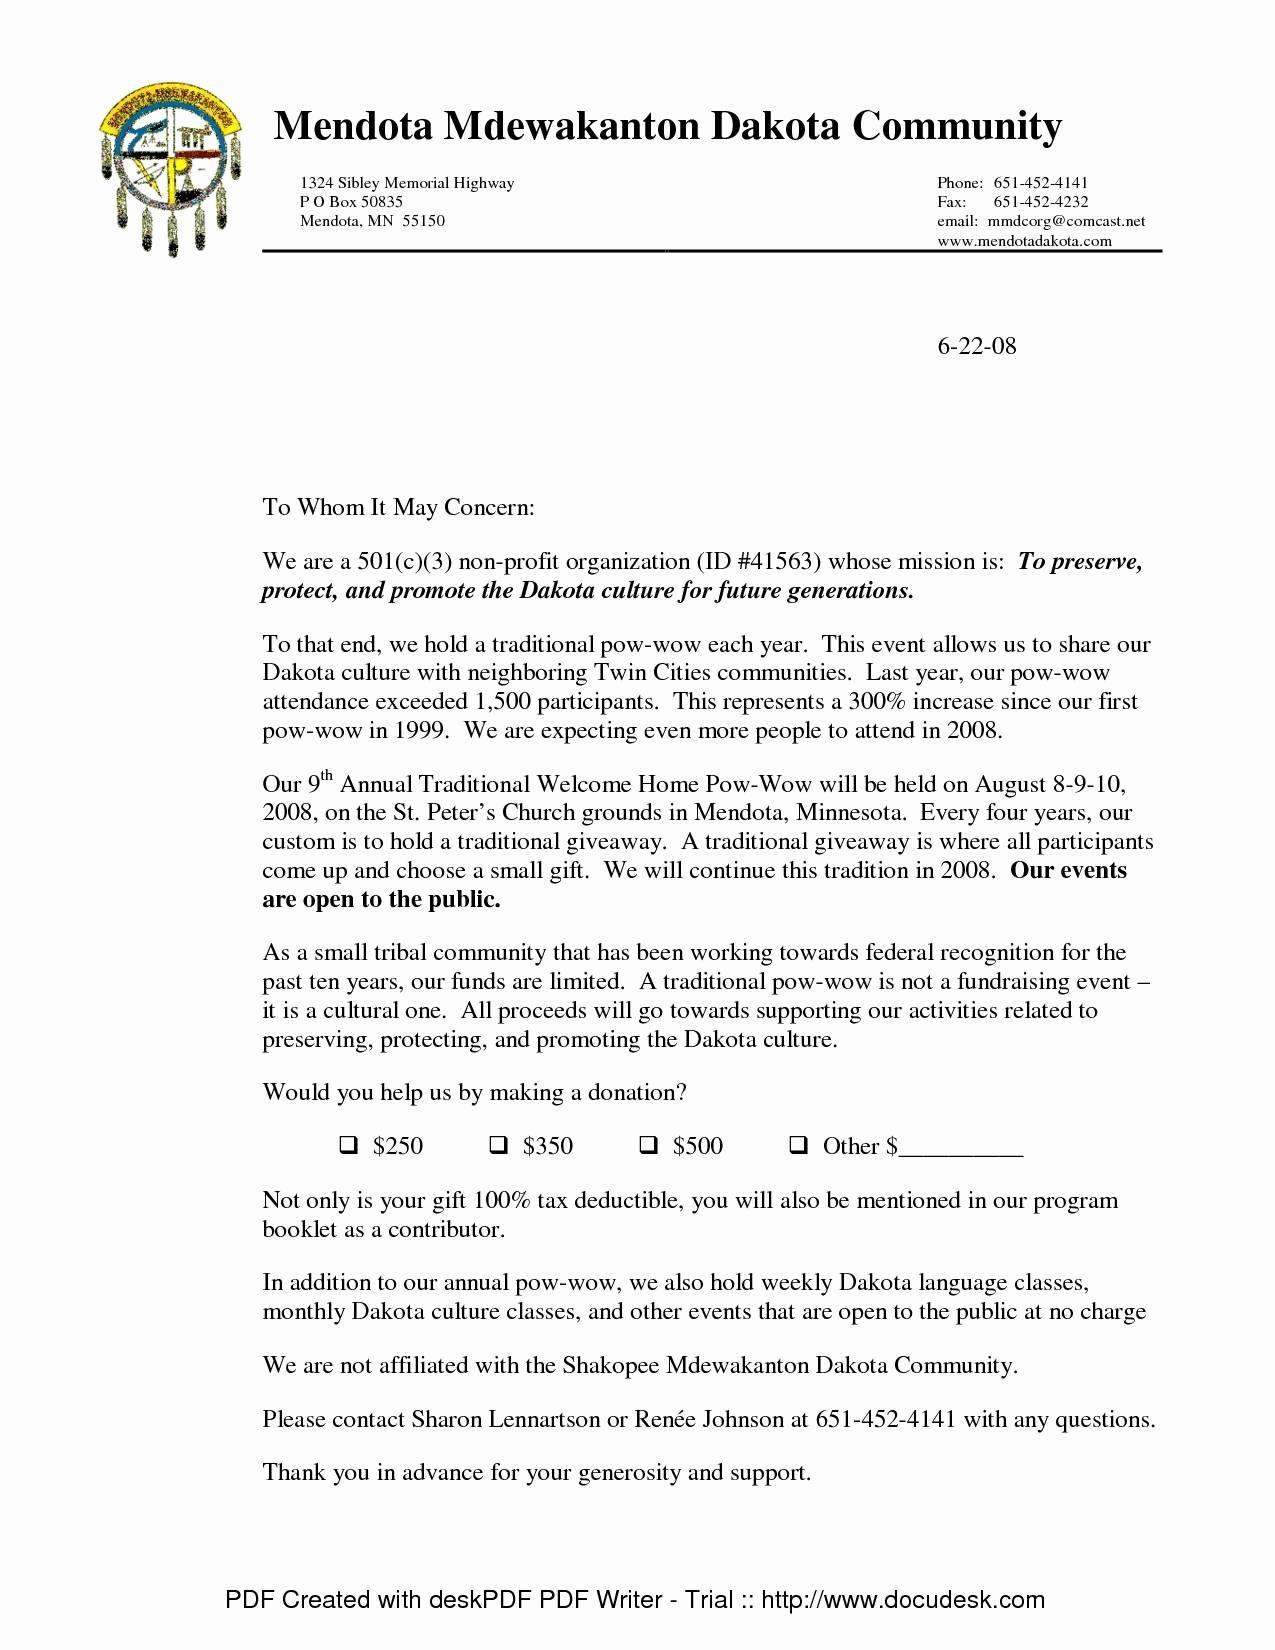 Non Profit Tax Deduction Letter Template - 37 Fresh Donation Request Letter for Non Profit